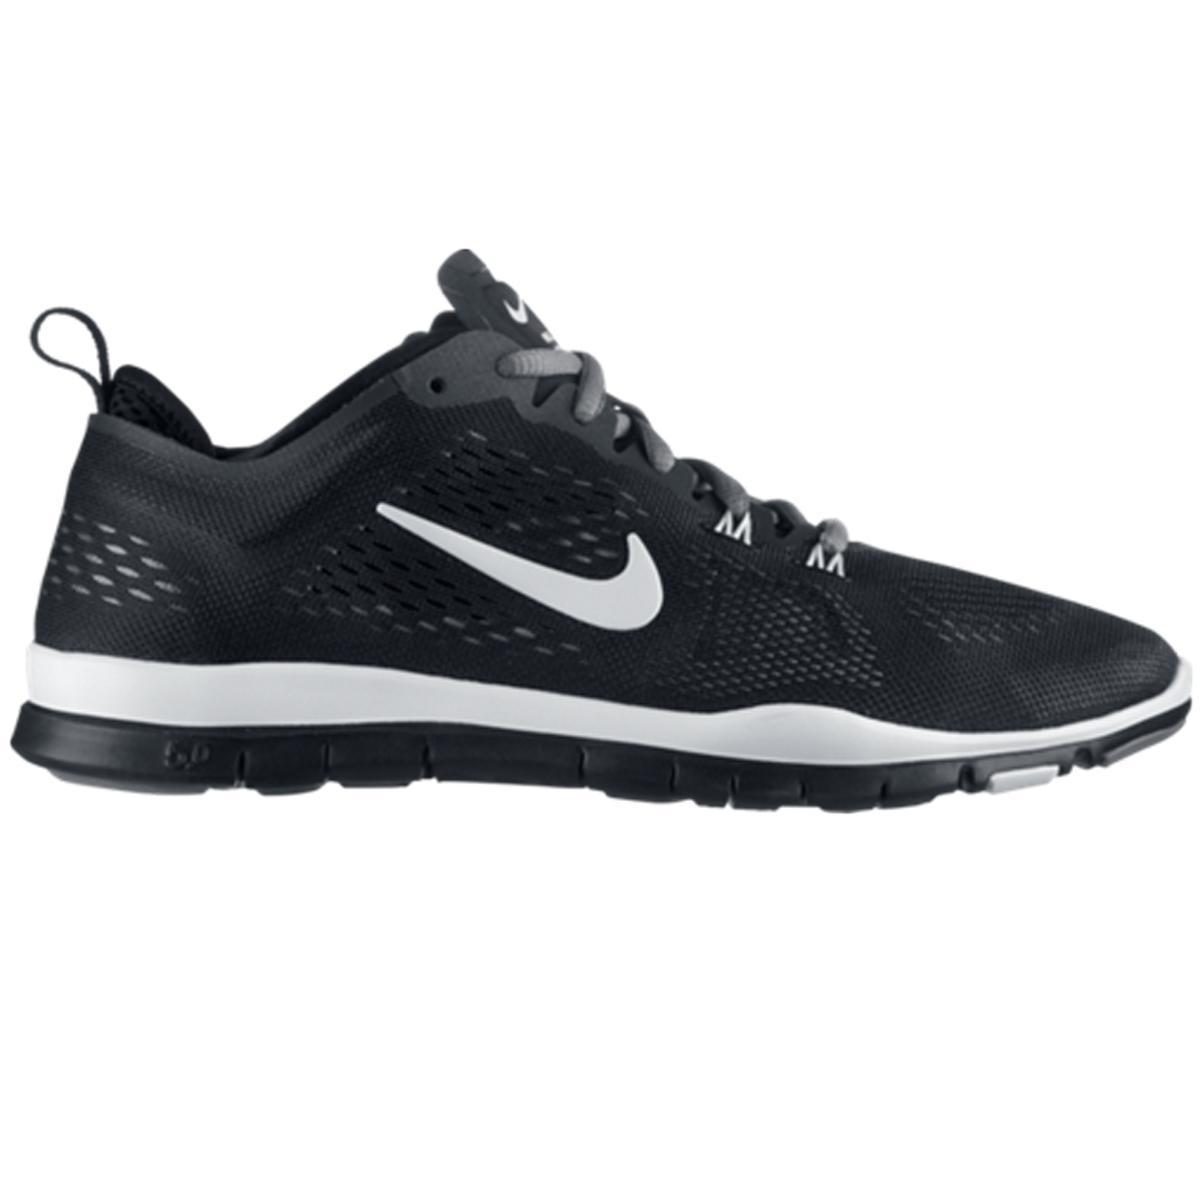 05e61df053464 Nike Womens Free 5.0 TR Fit 4 Breath Training Shoes - Black White -  Tennisnuts.com